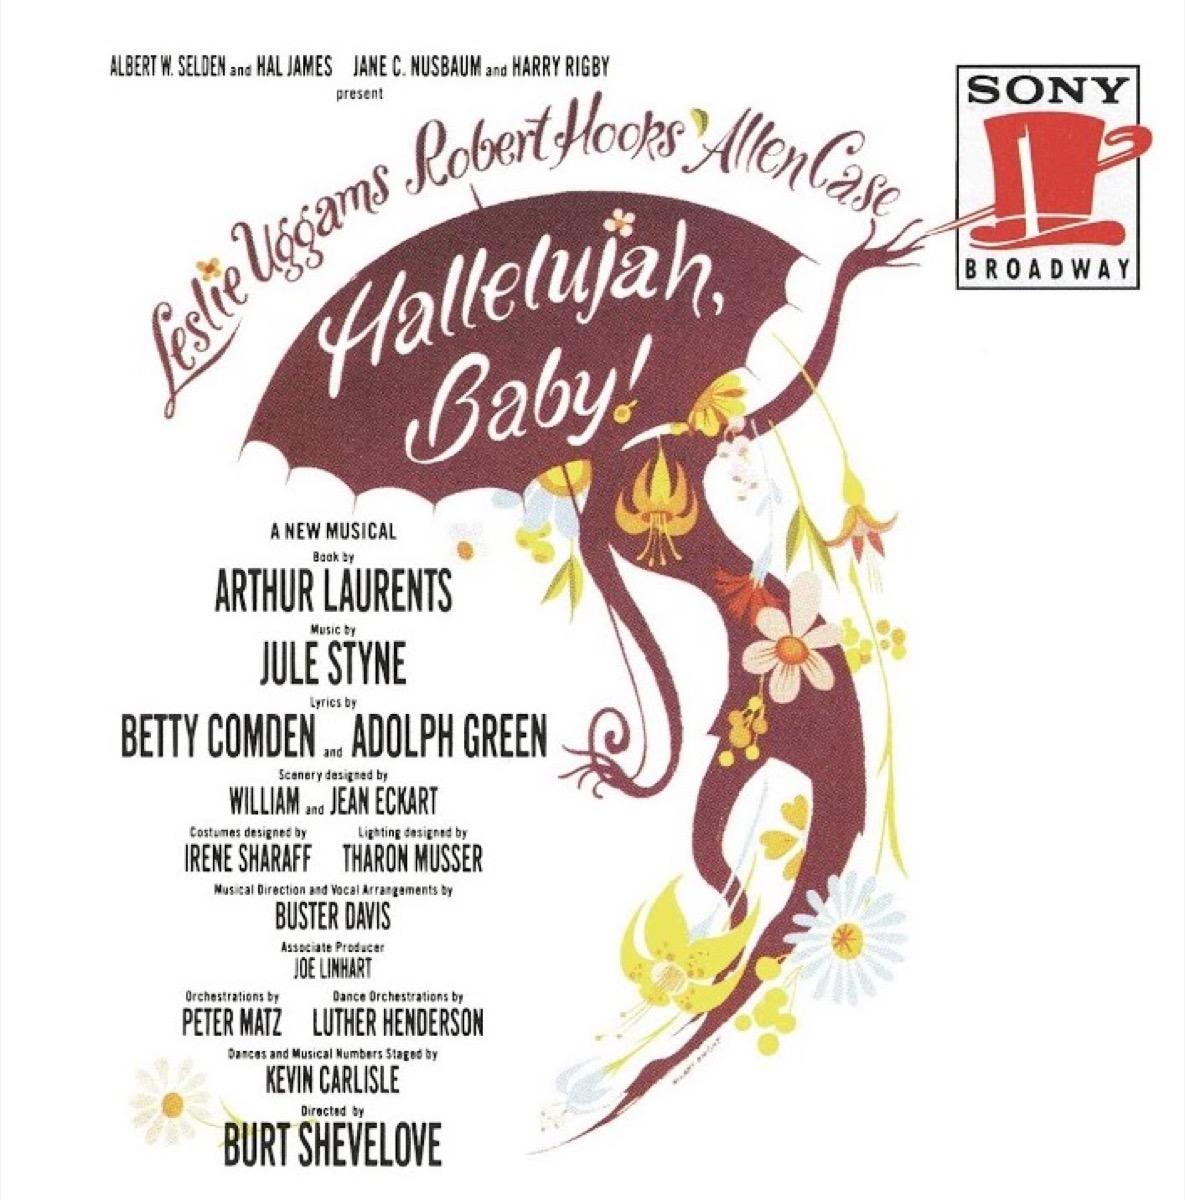 hallelujah baby recording, broadway tickets